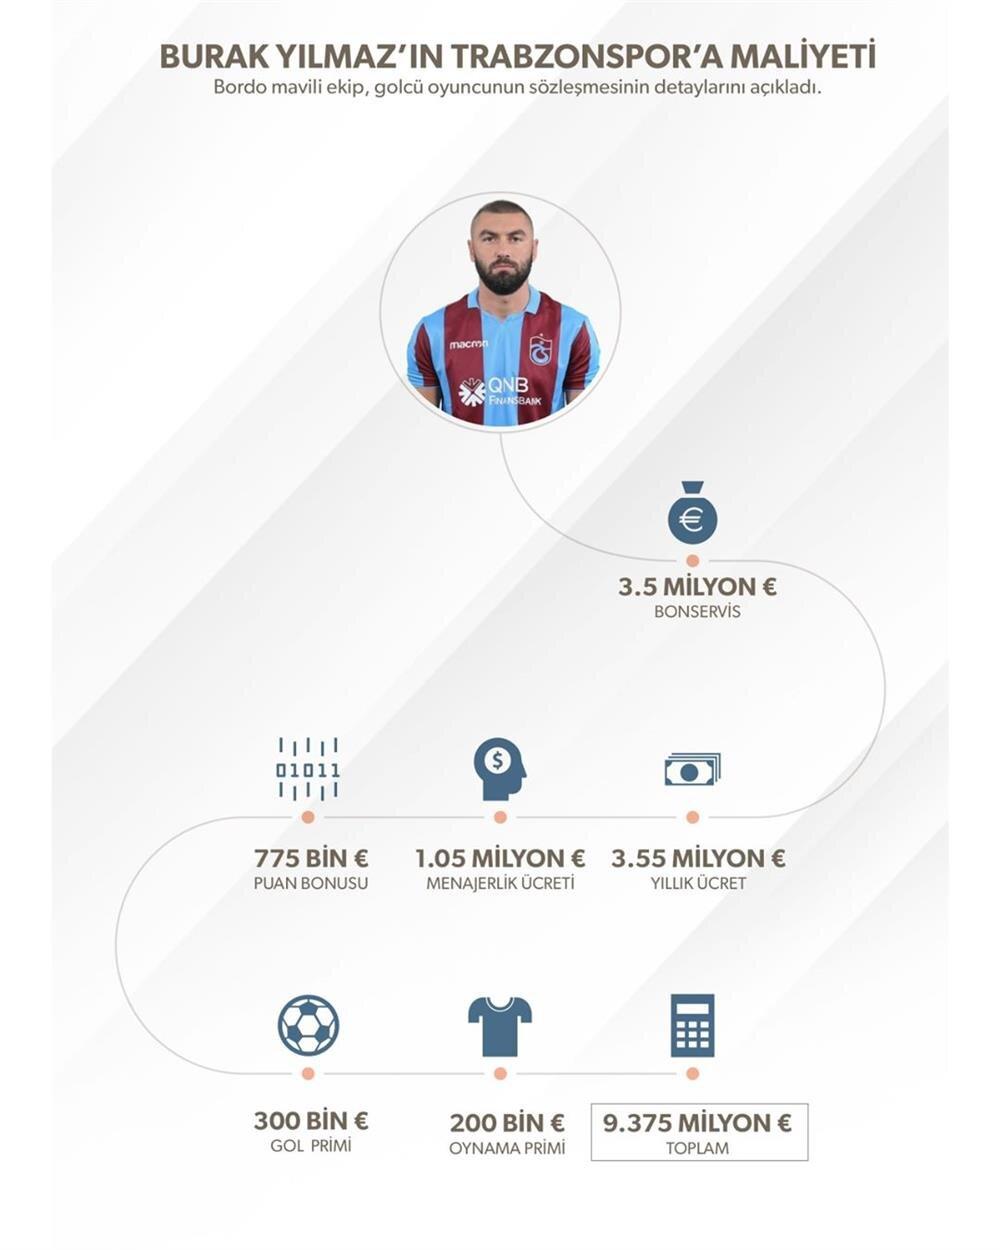 Trabzonspor - Burak Yılmaz krizinde sence kim haklı?